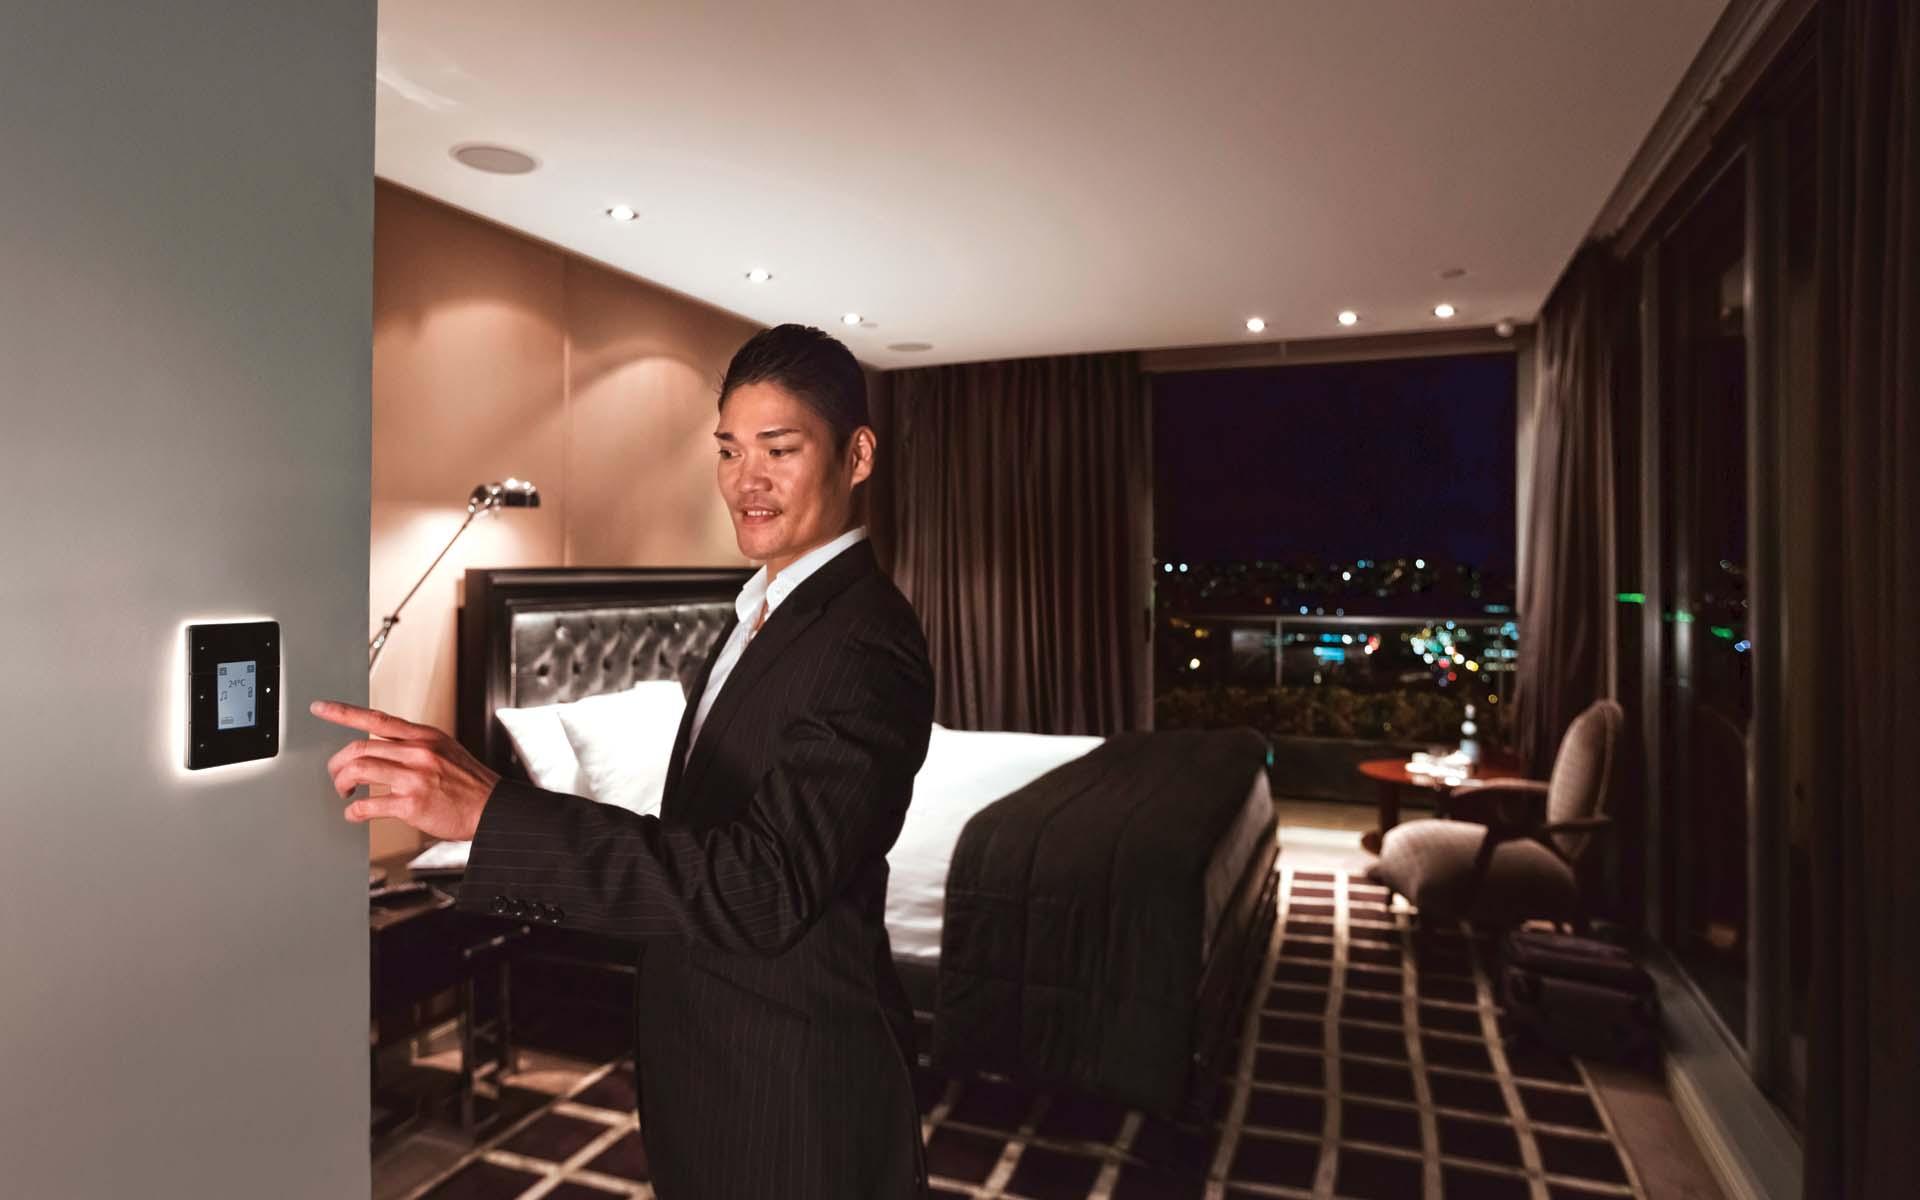 slider_lightmoves_lighting_control_philips_dynalite_hotel